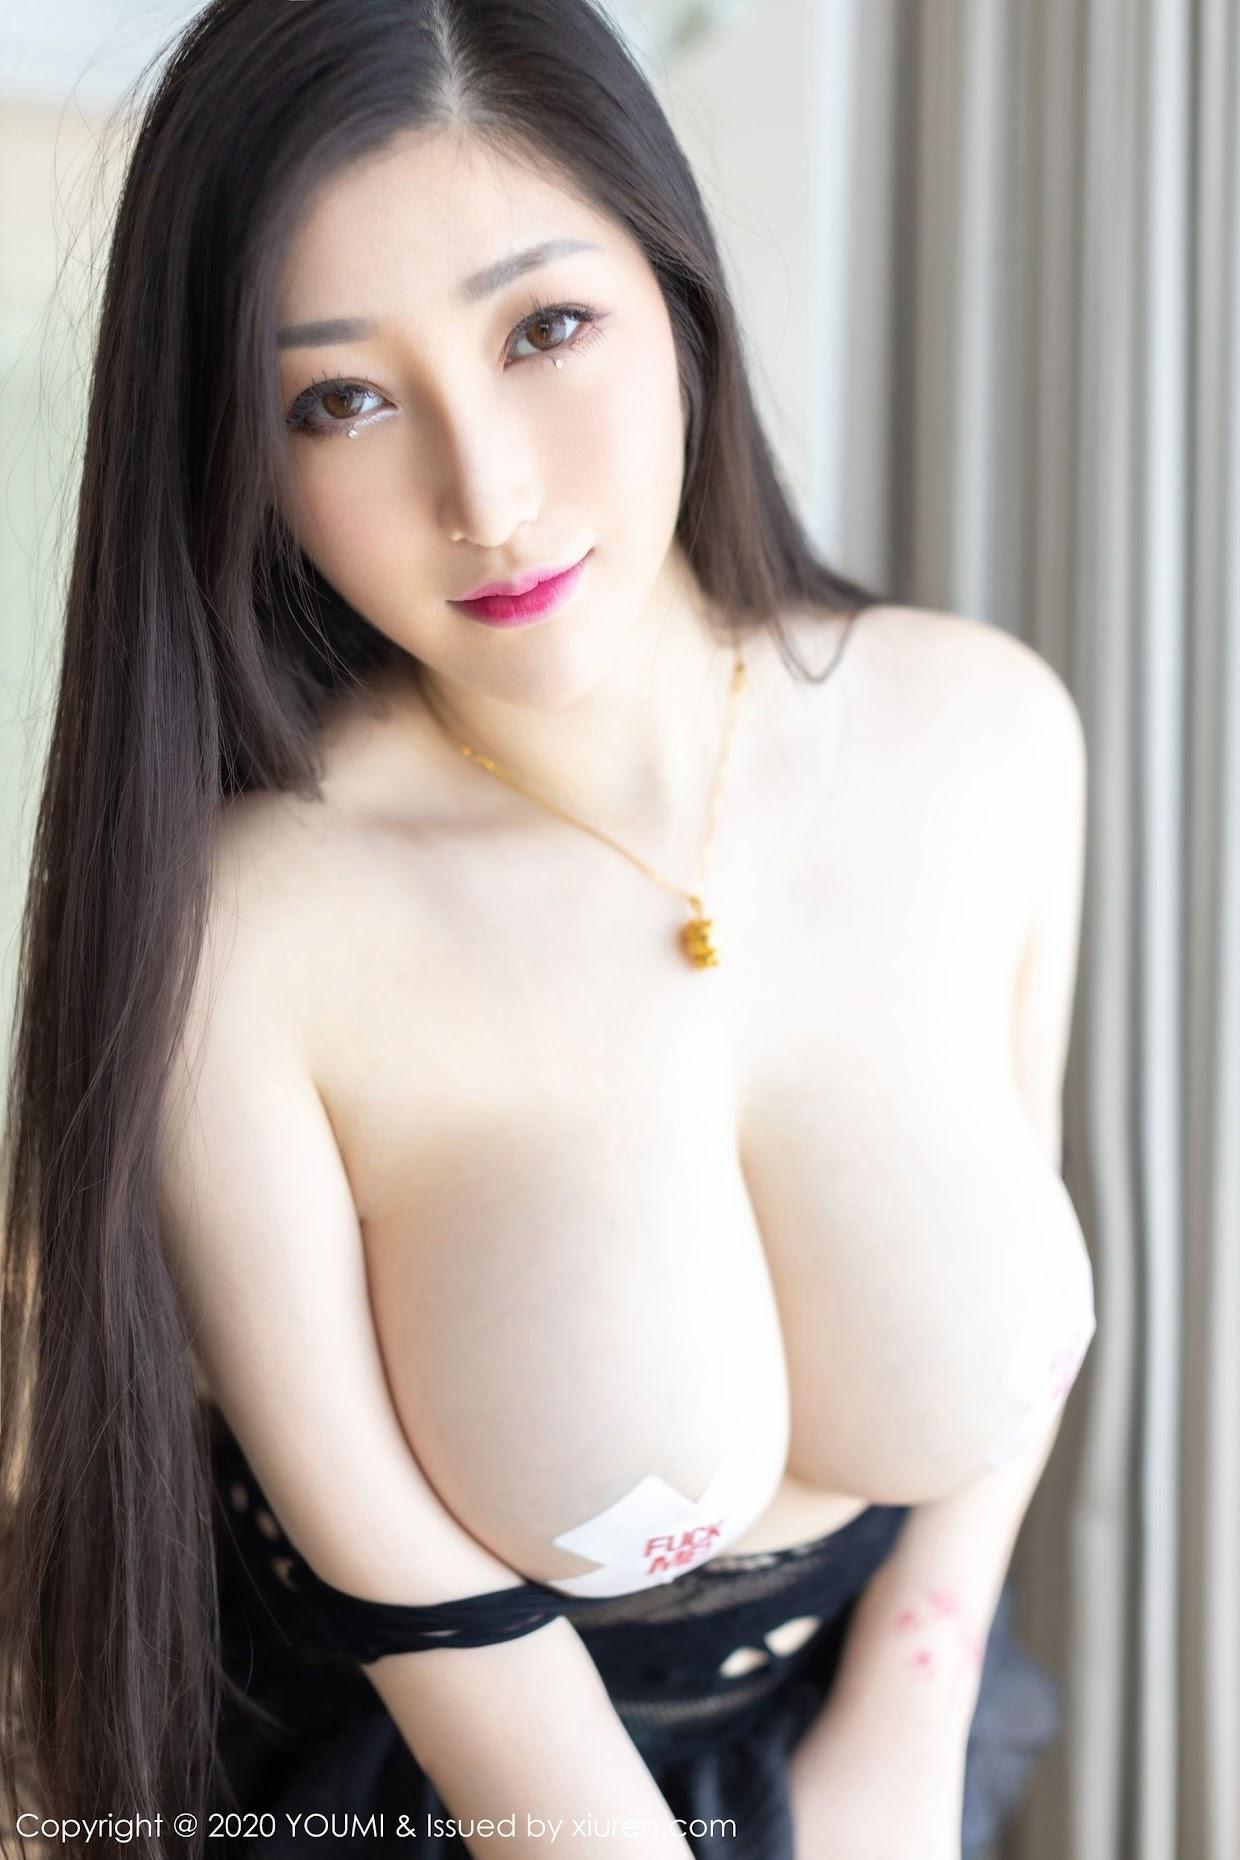 YOumi VOl 437 Toxic